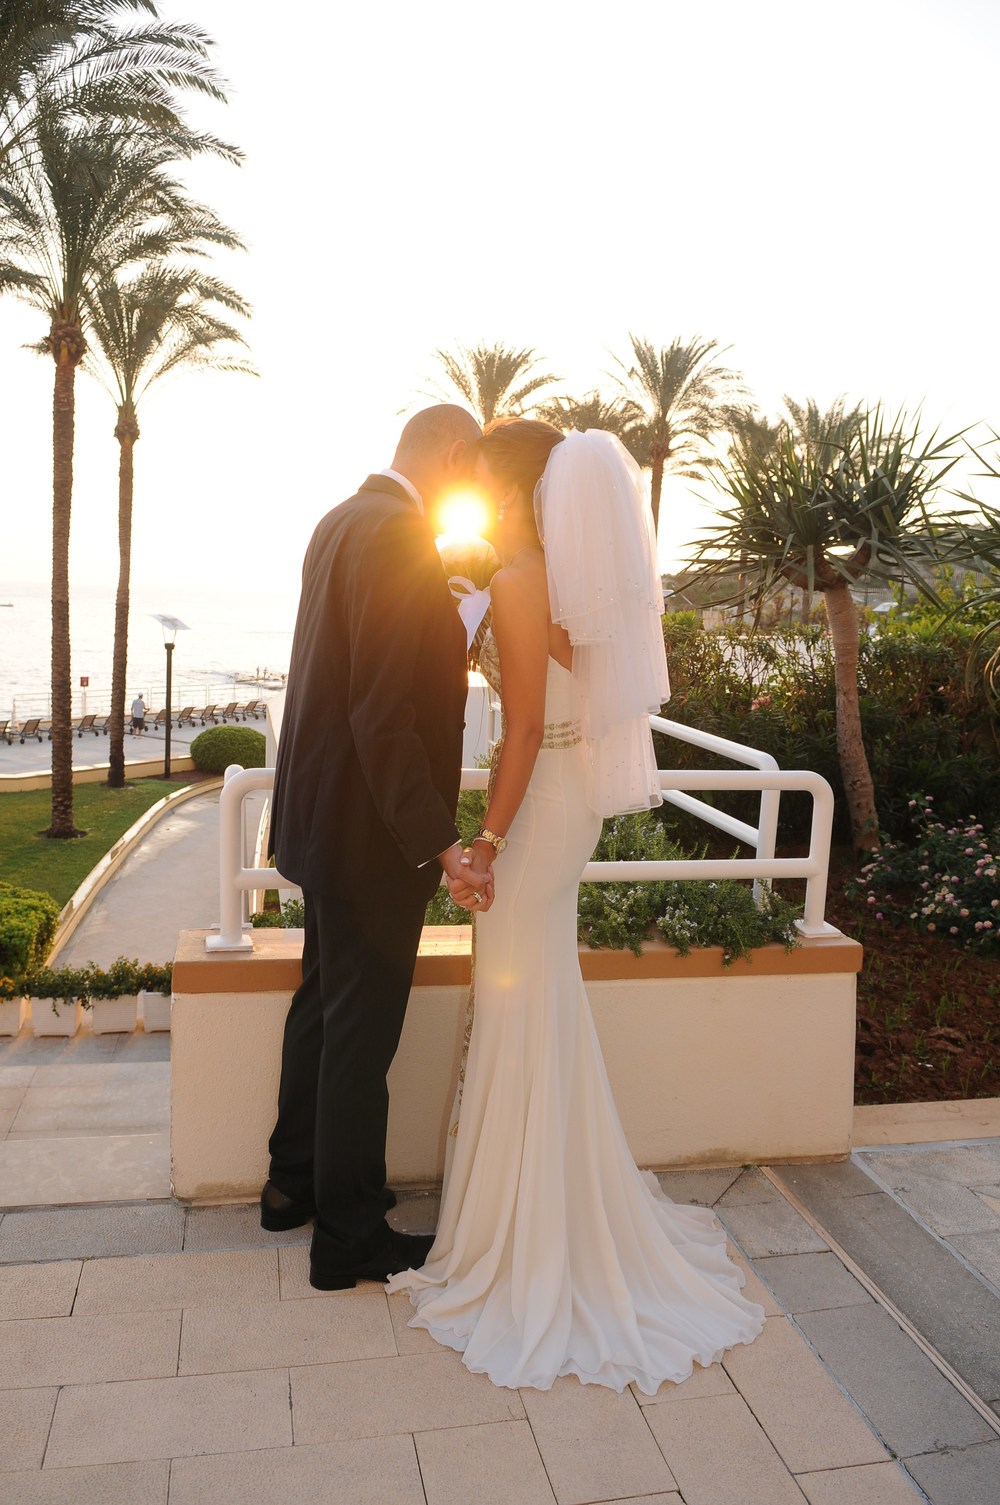 lebanon weddings